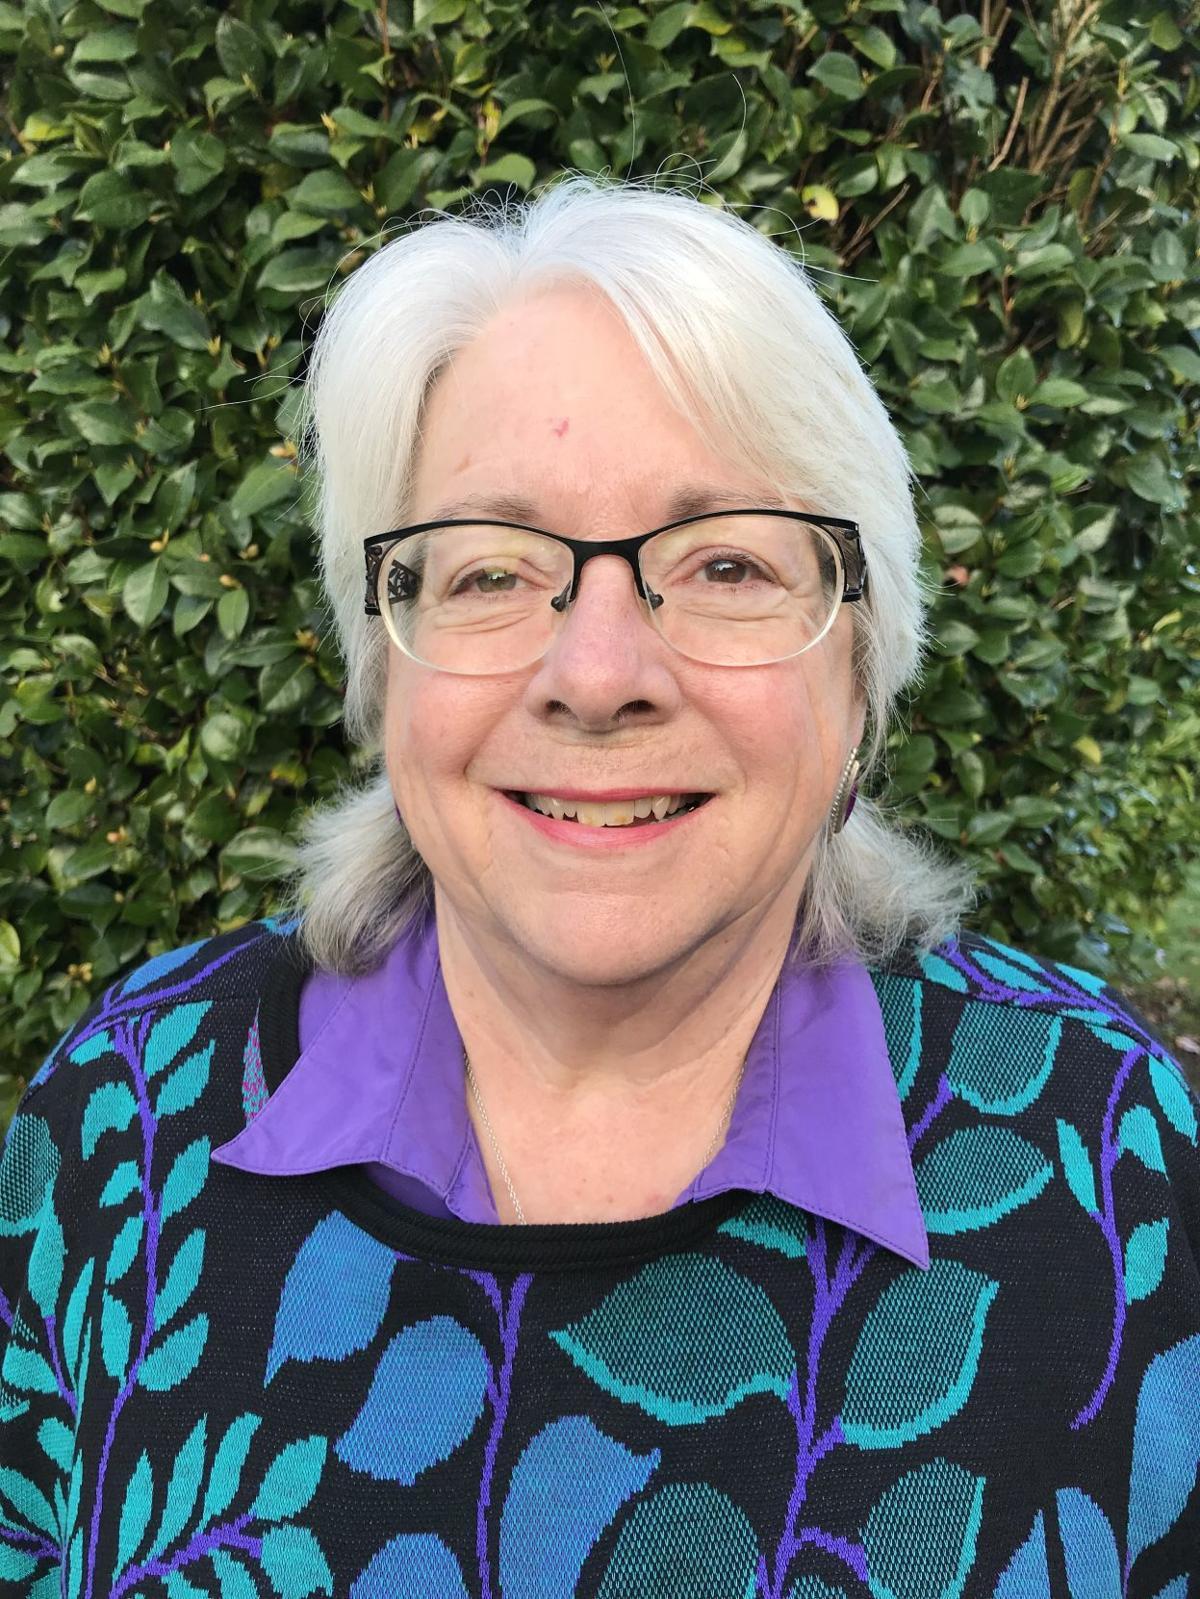 Jennifer Leach